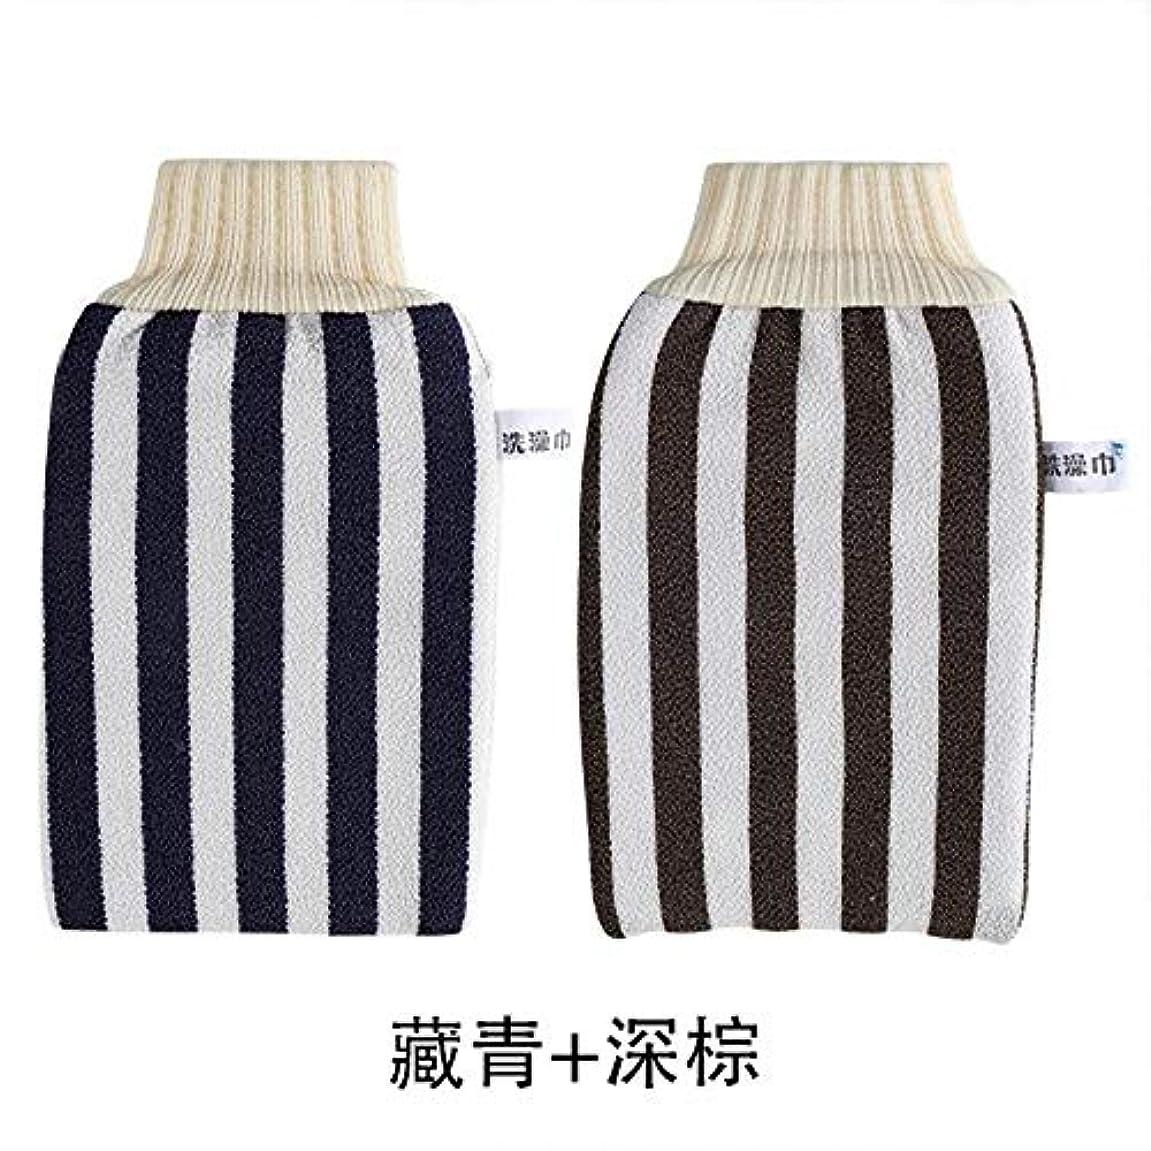 下ホールド大人BTXXYJP お風呂用手袋 シャワー手袋 あかすり ボディブラシ ボディタオル やわらか 角質除去 (Color : Navy+brown)